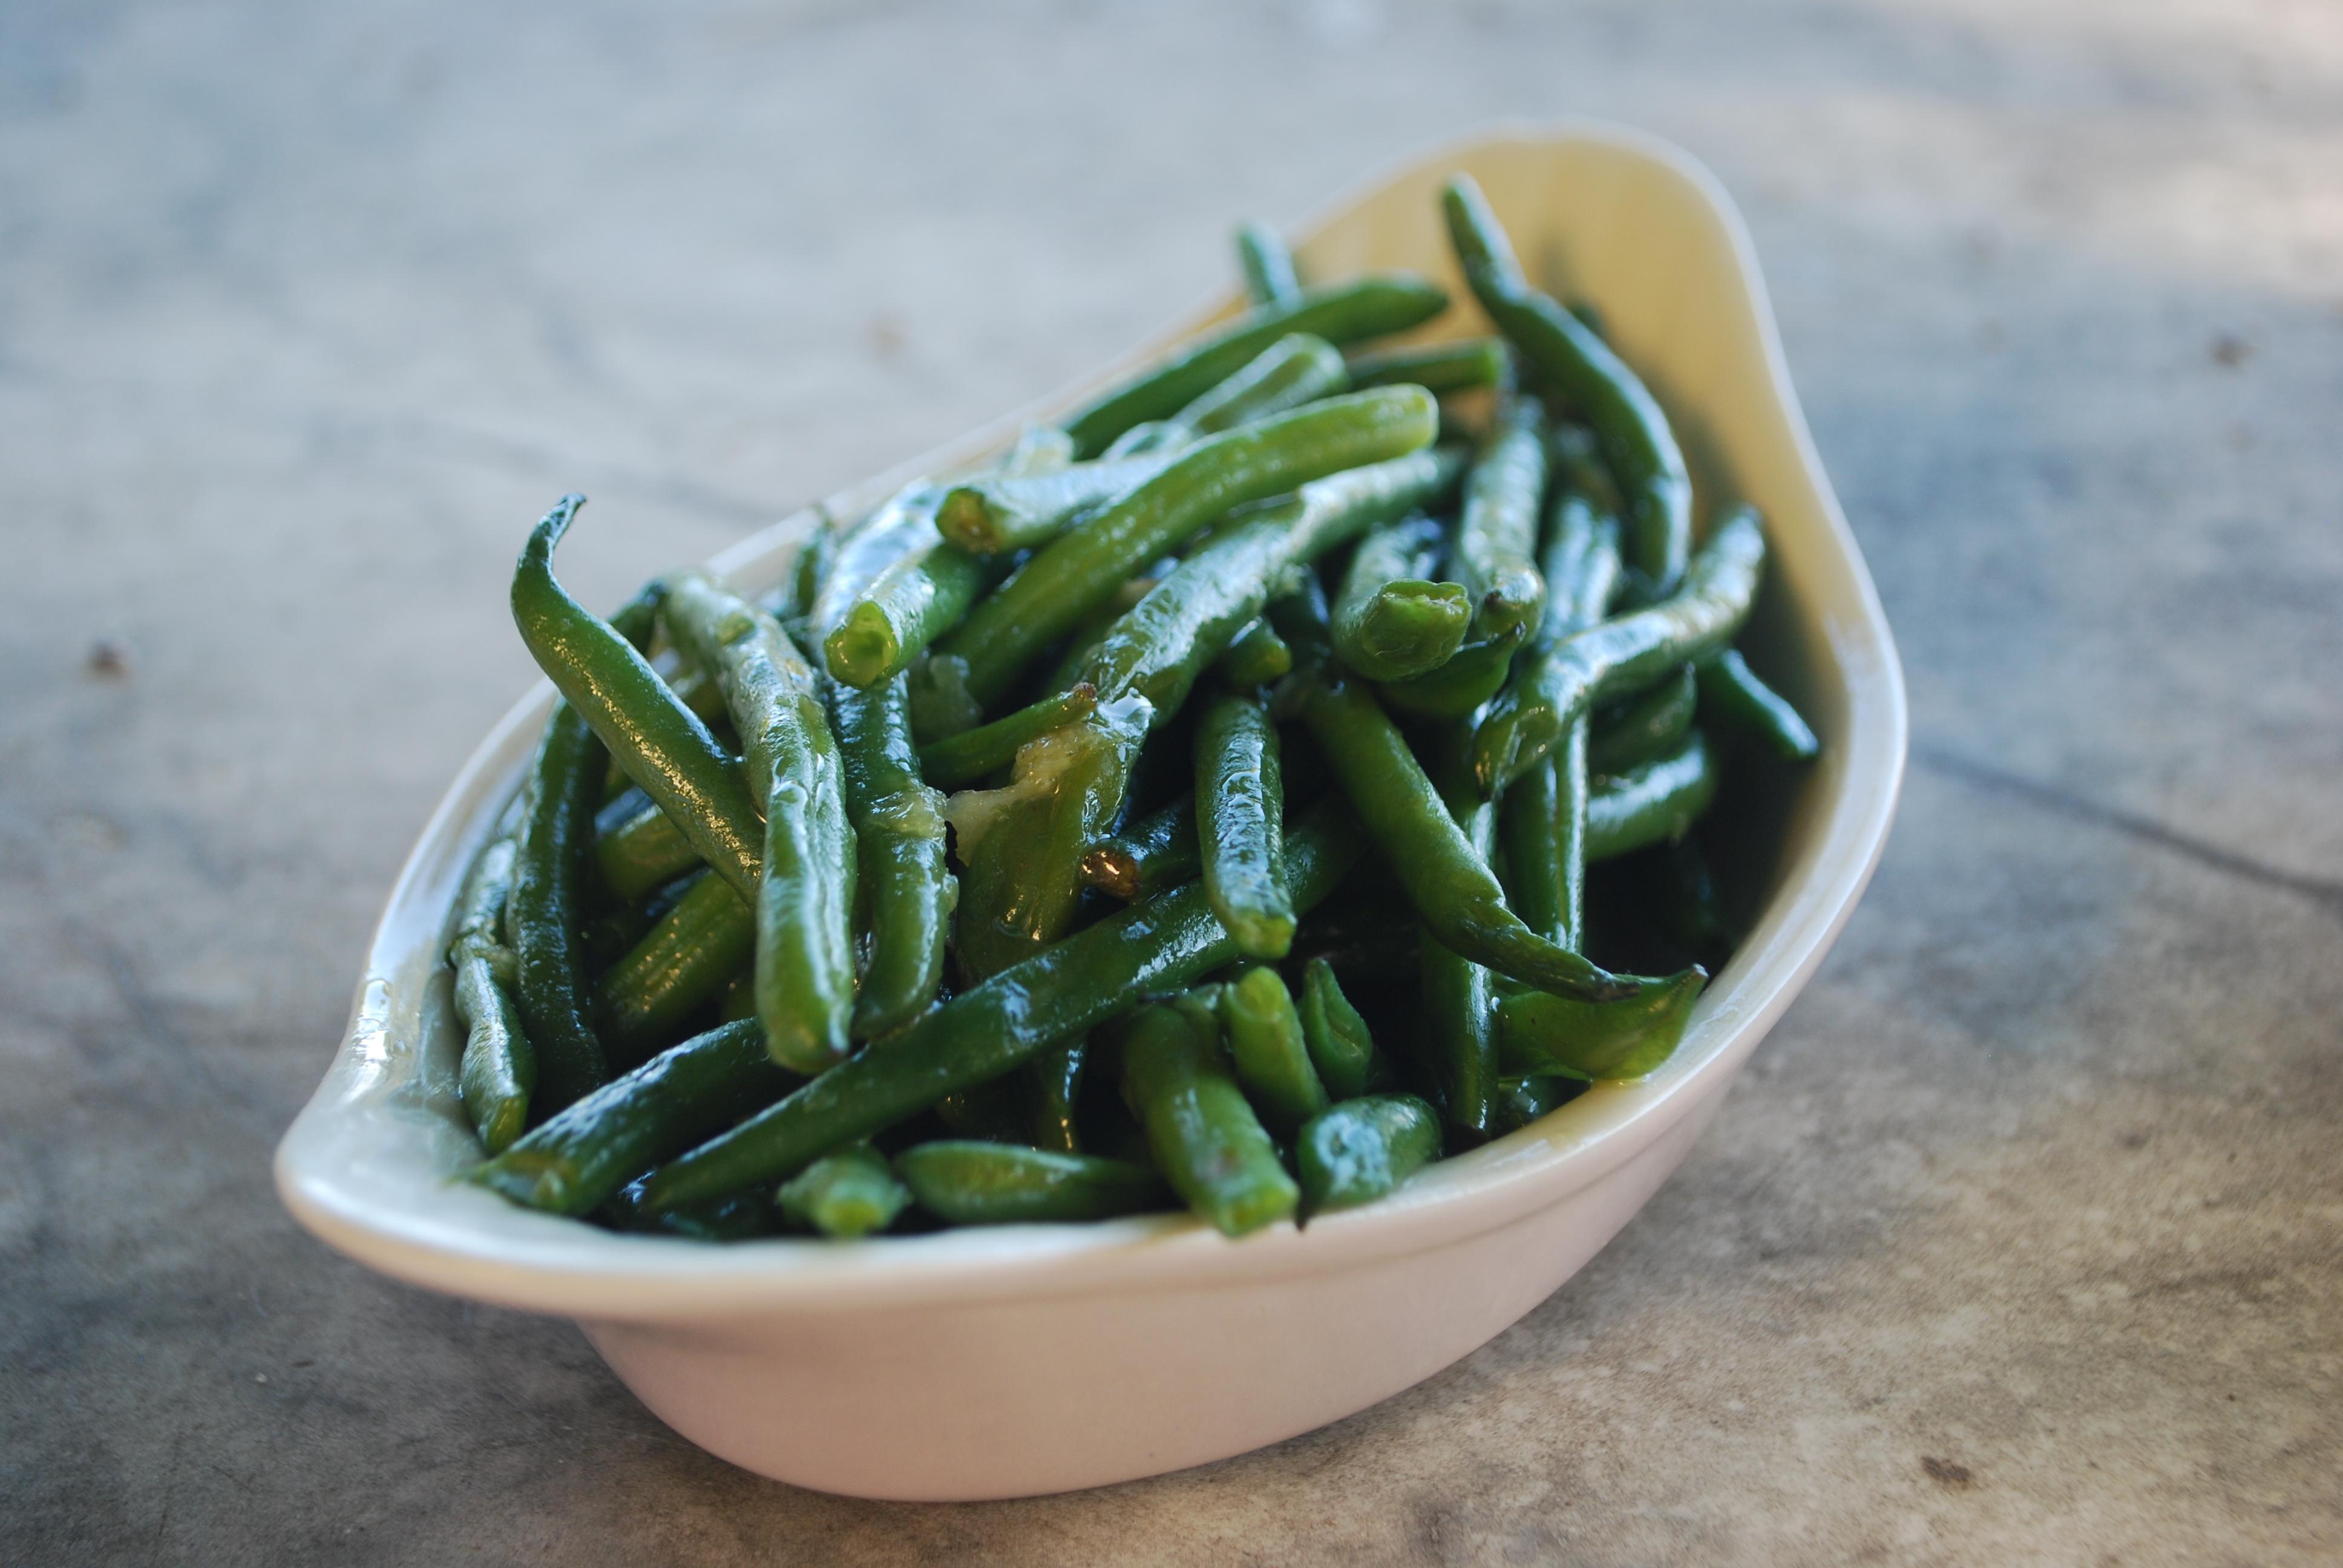 Crunchy green beans